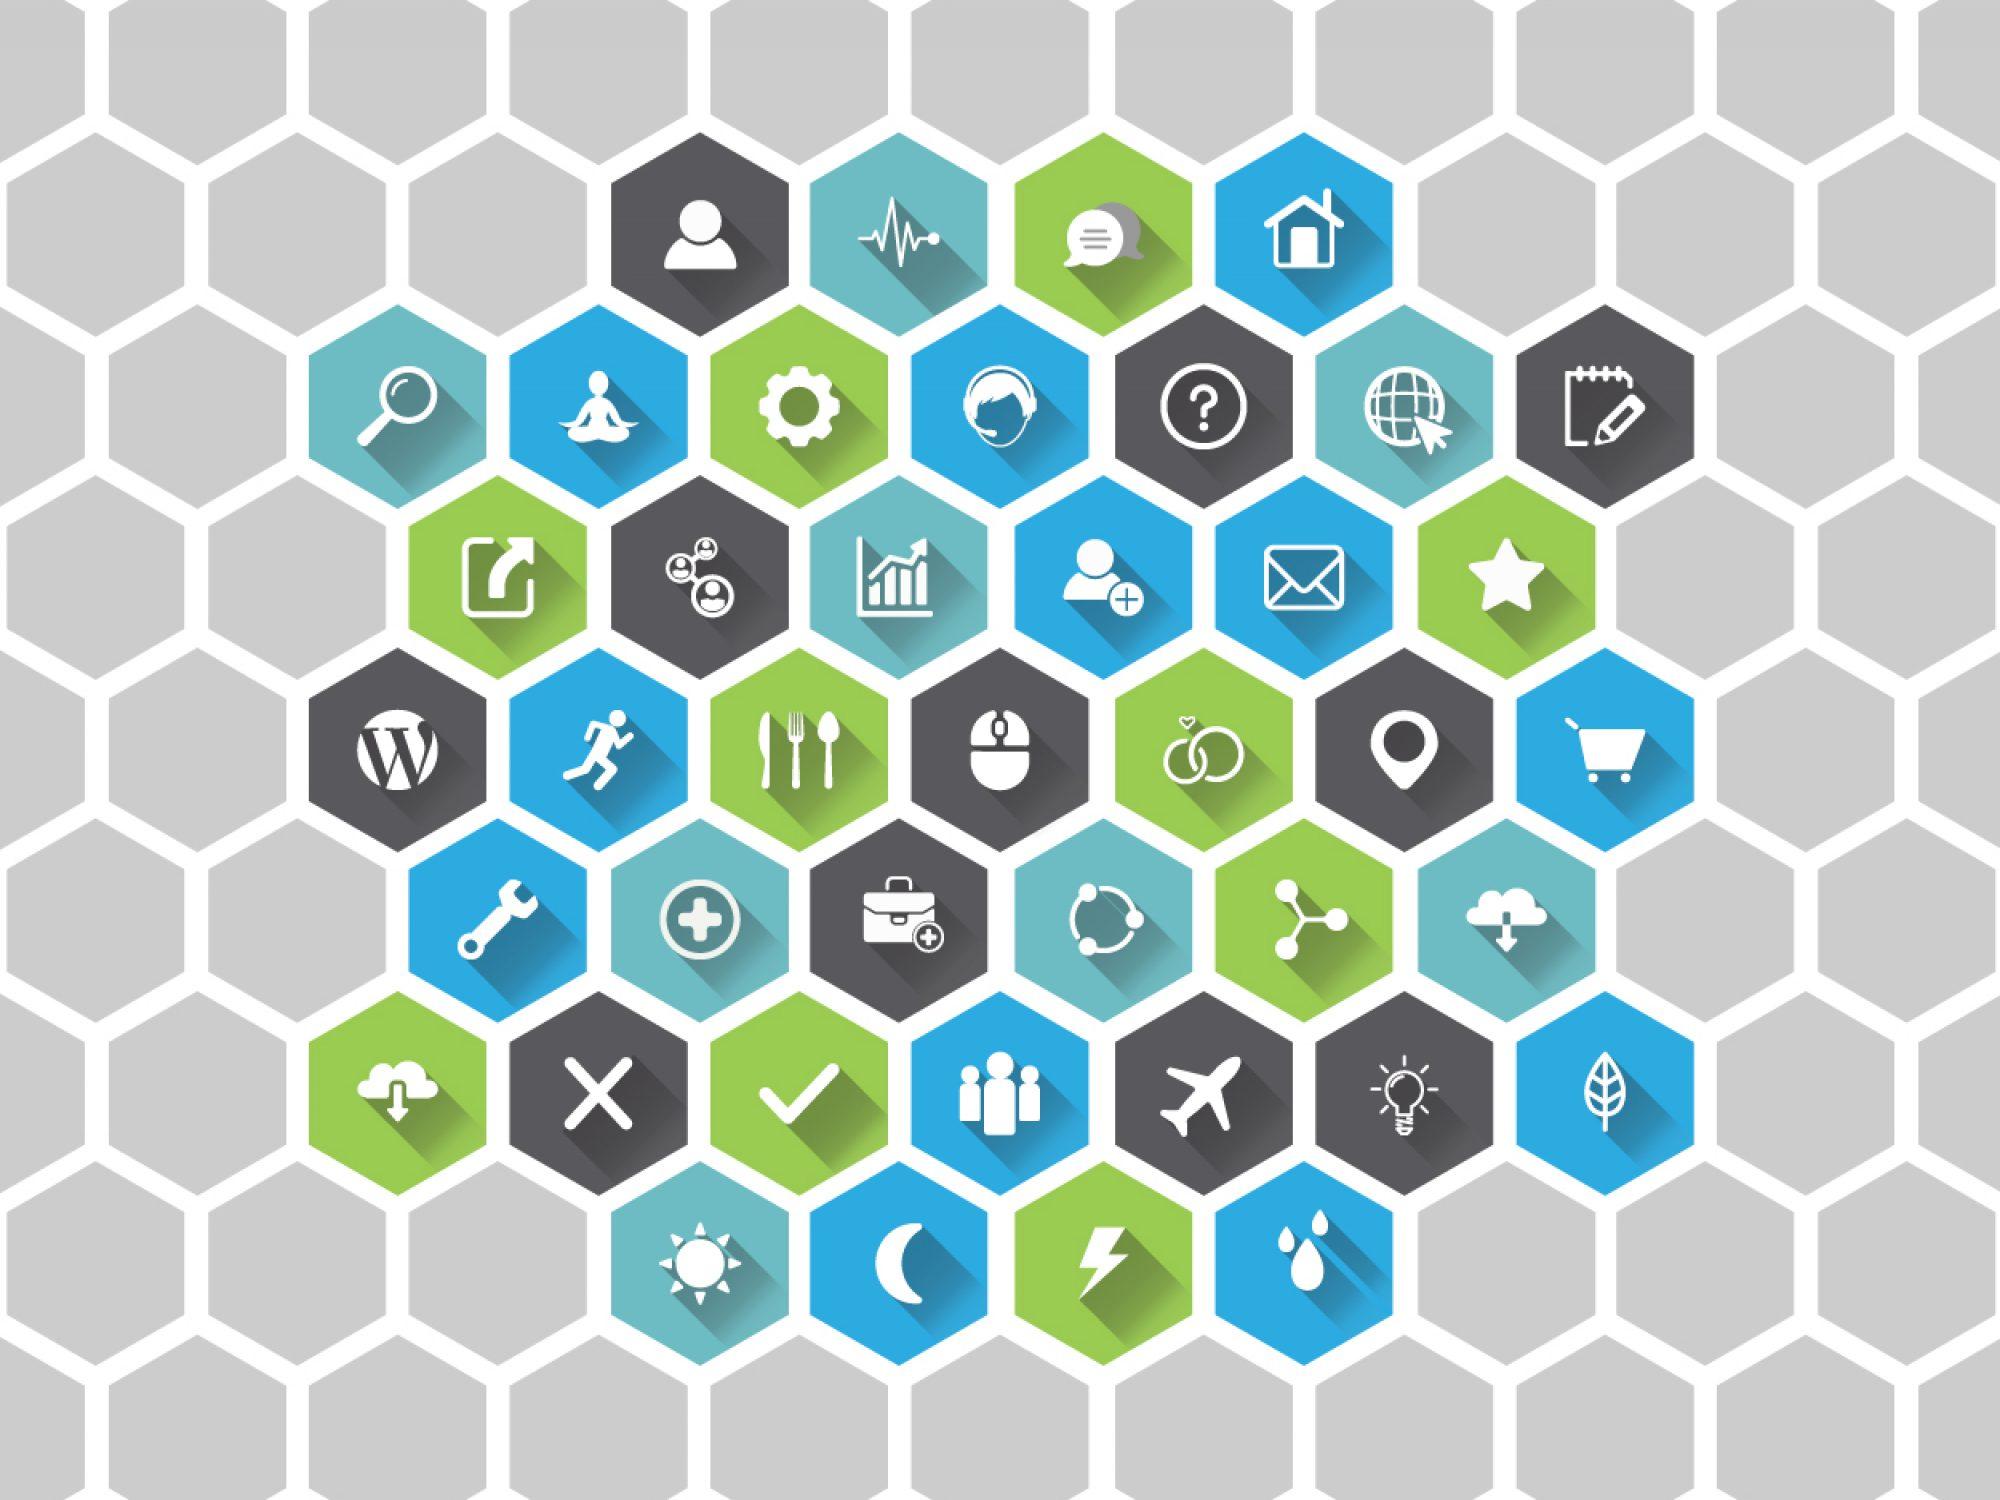 ImVida Icons